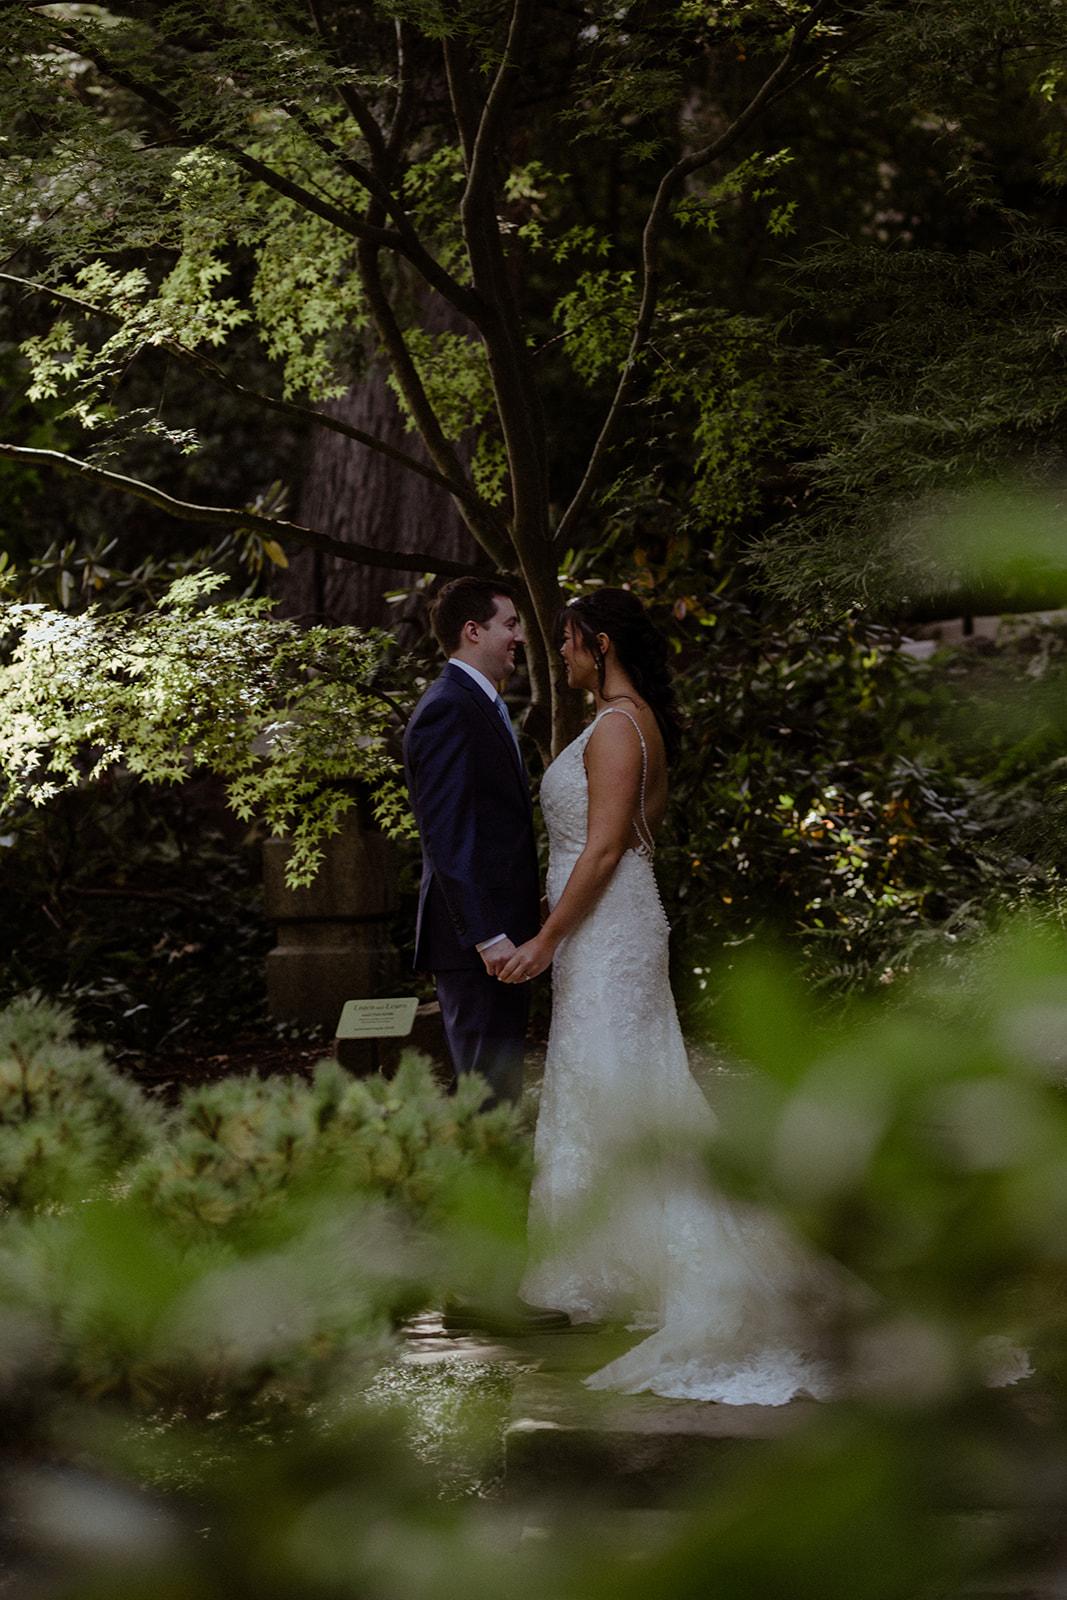 cleveland botanical garden wedding - chris + katie 86